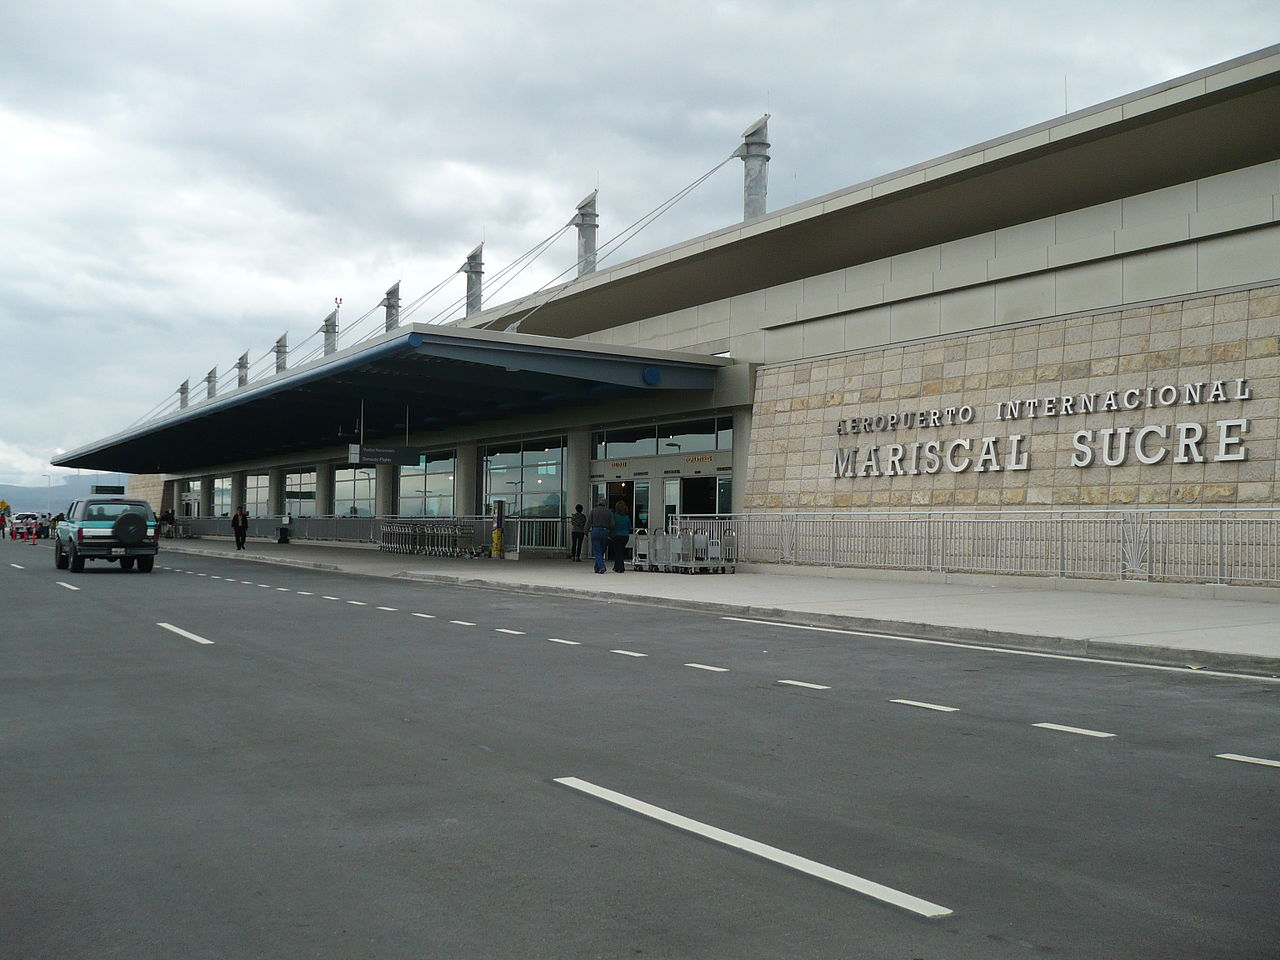 Paro nacional en Ecuador afectó a más de 25 mil pasajeros